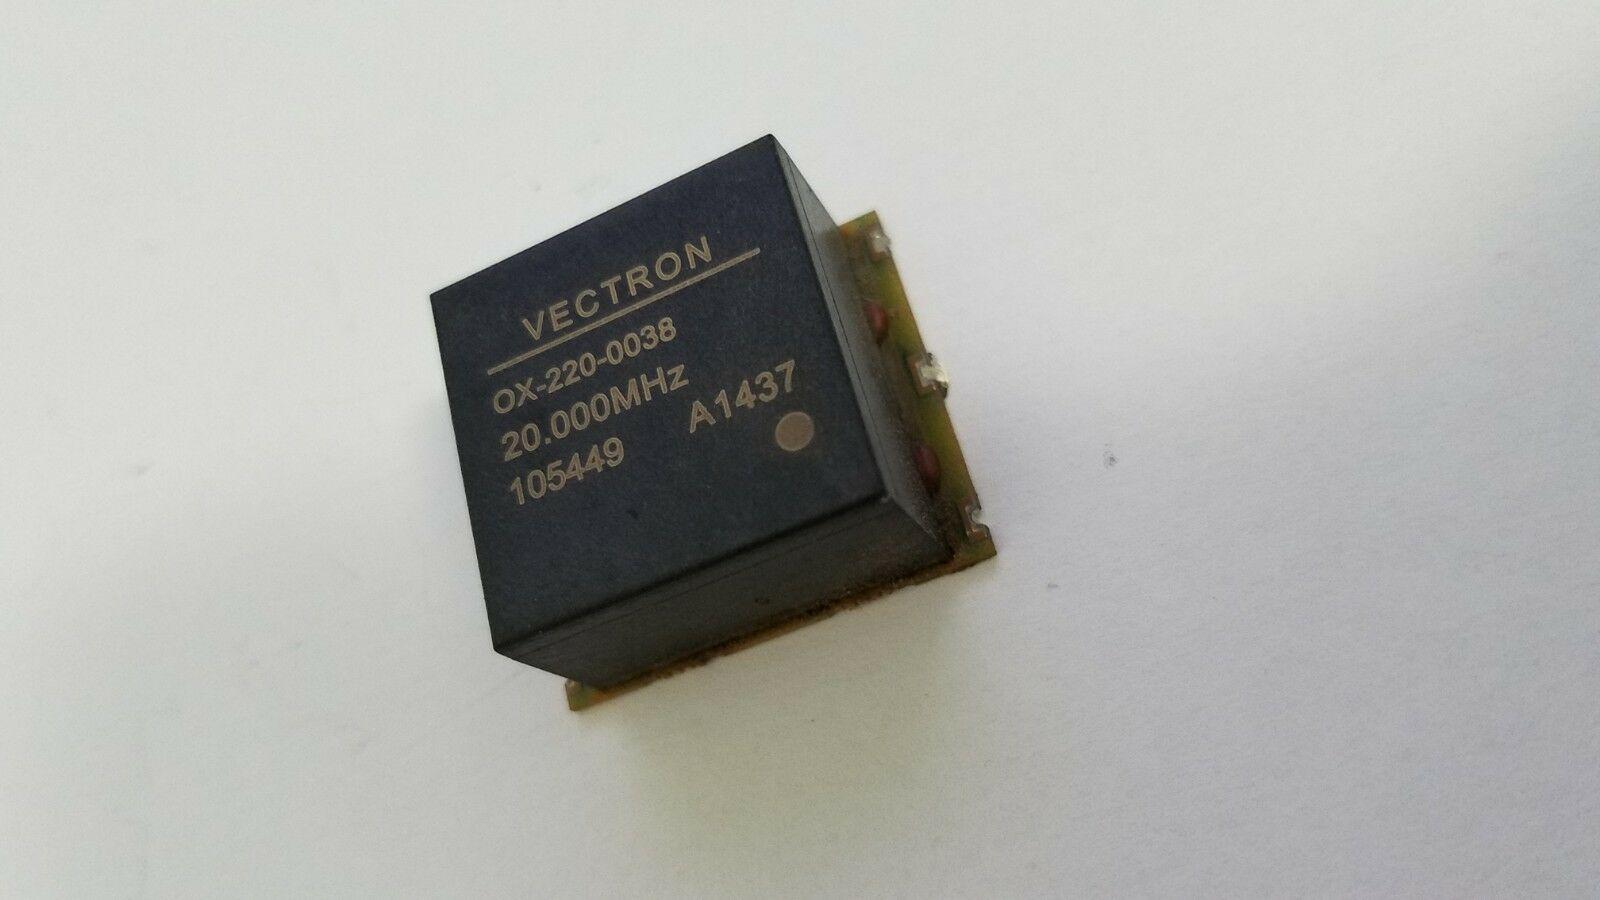 OX-220-0038-20M00 Supplier